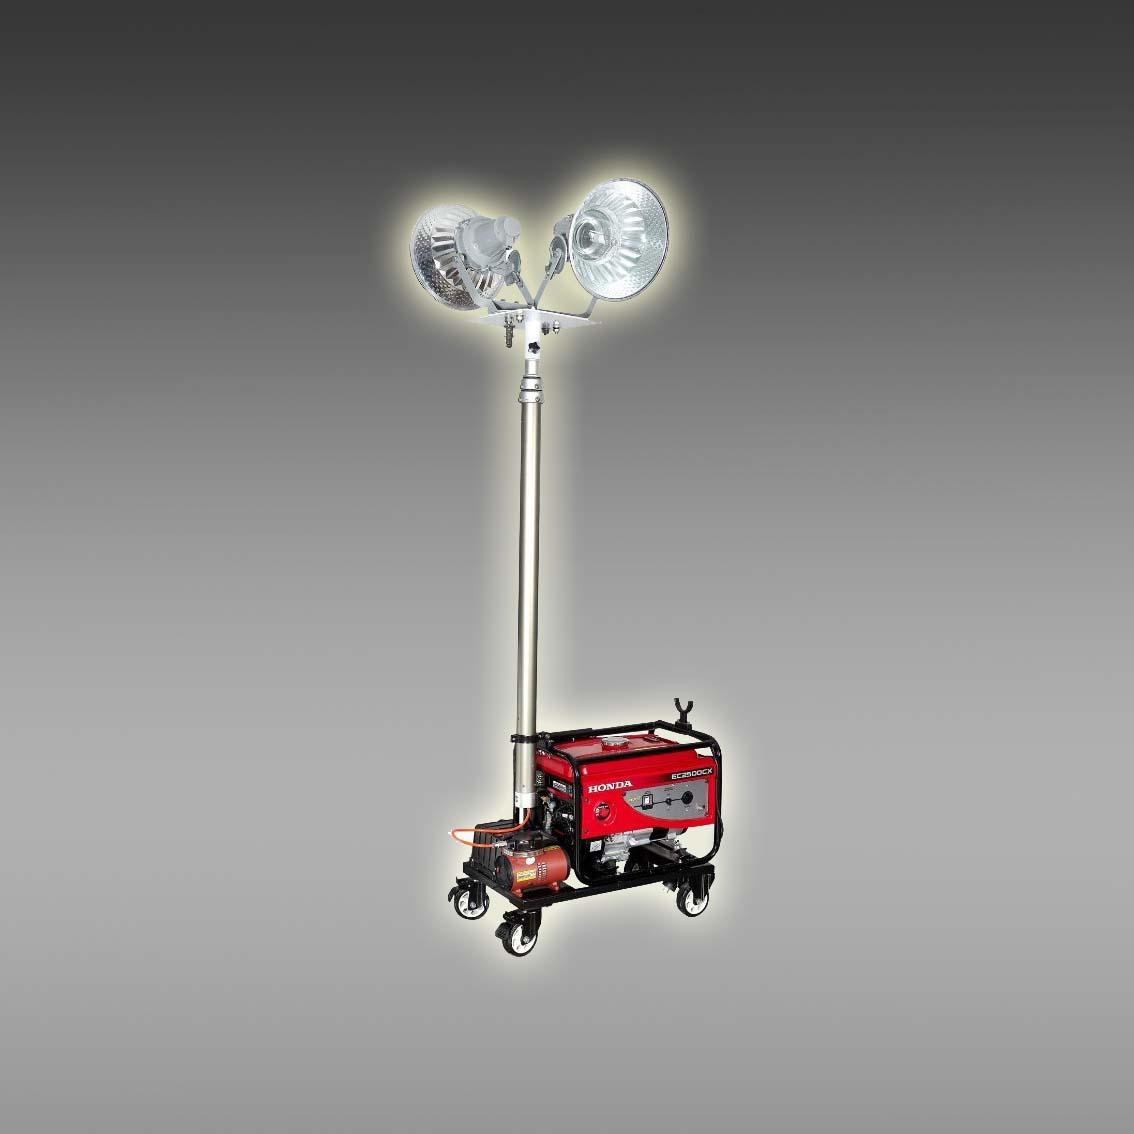 全方位自动升降工作灯 YDM5200